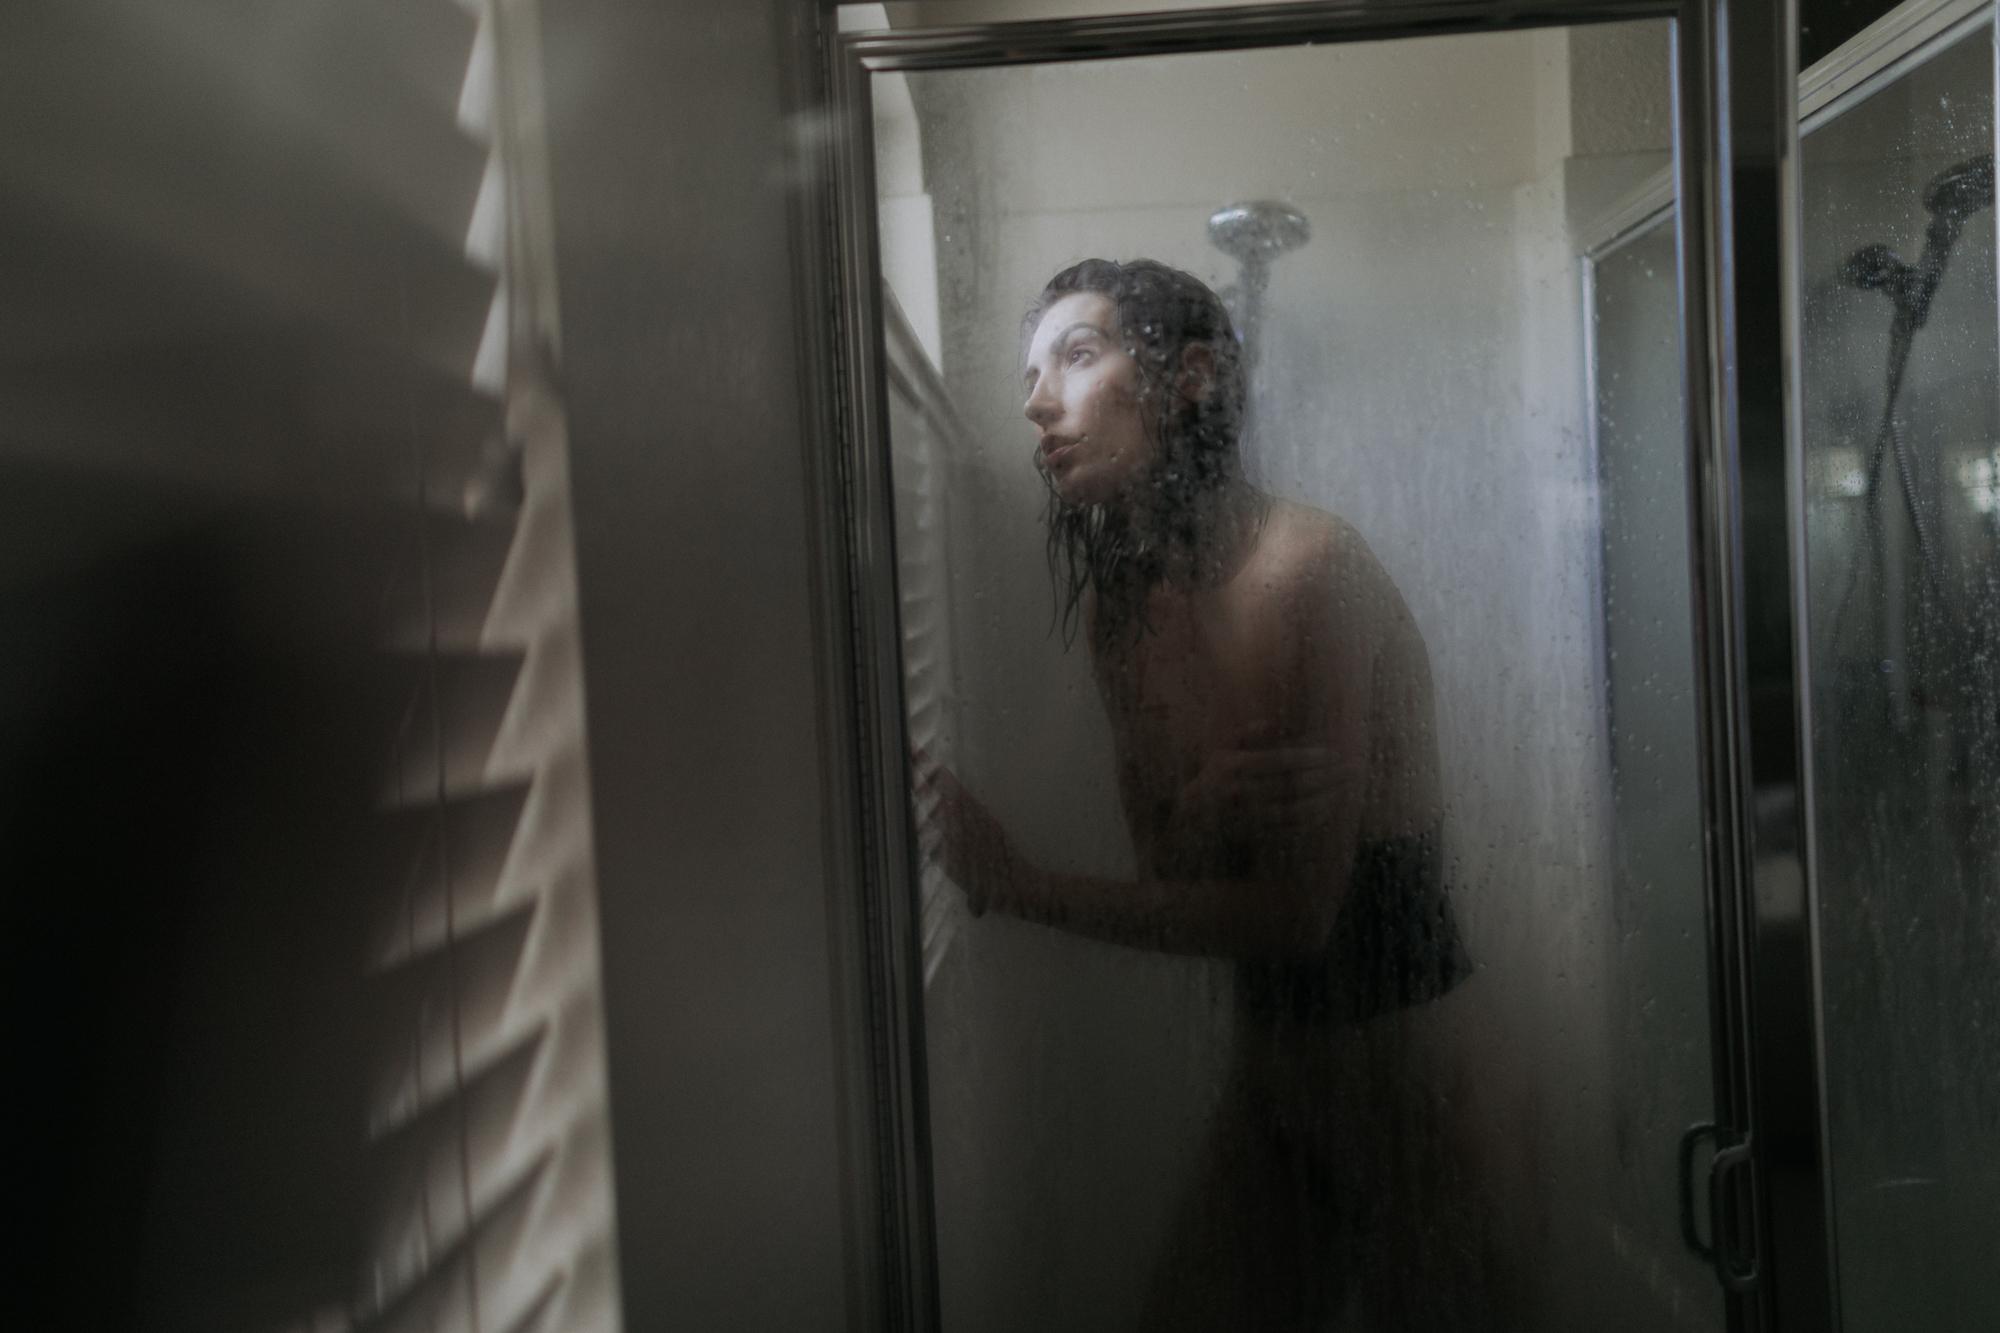 California Boudoir Photographer Jennifer Skog intimately photogr